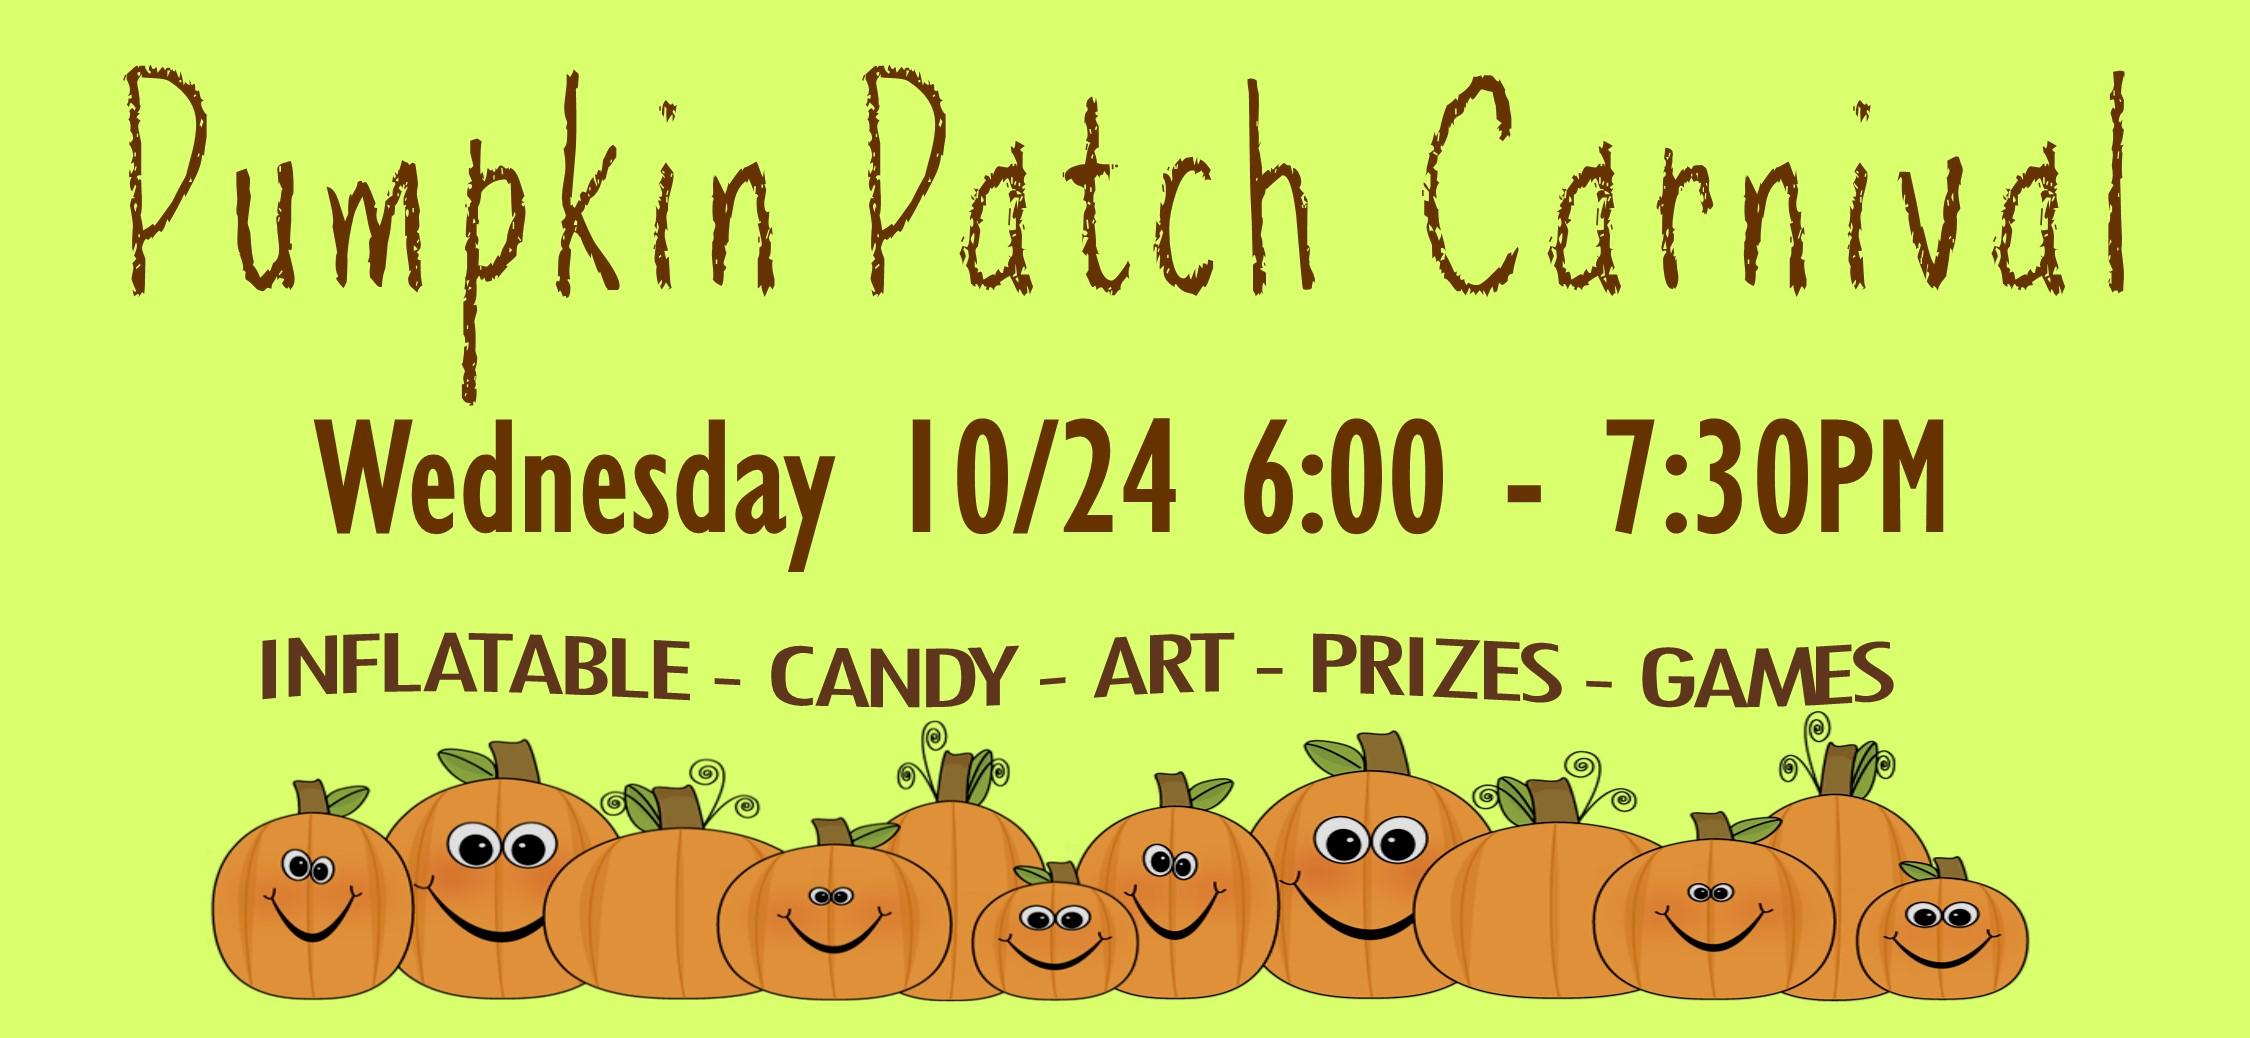 Pumpkin Patch Carnival Web Page Art 092718.jpg